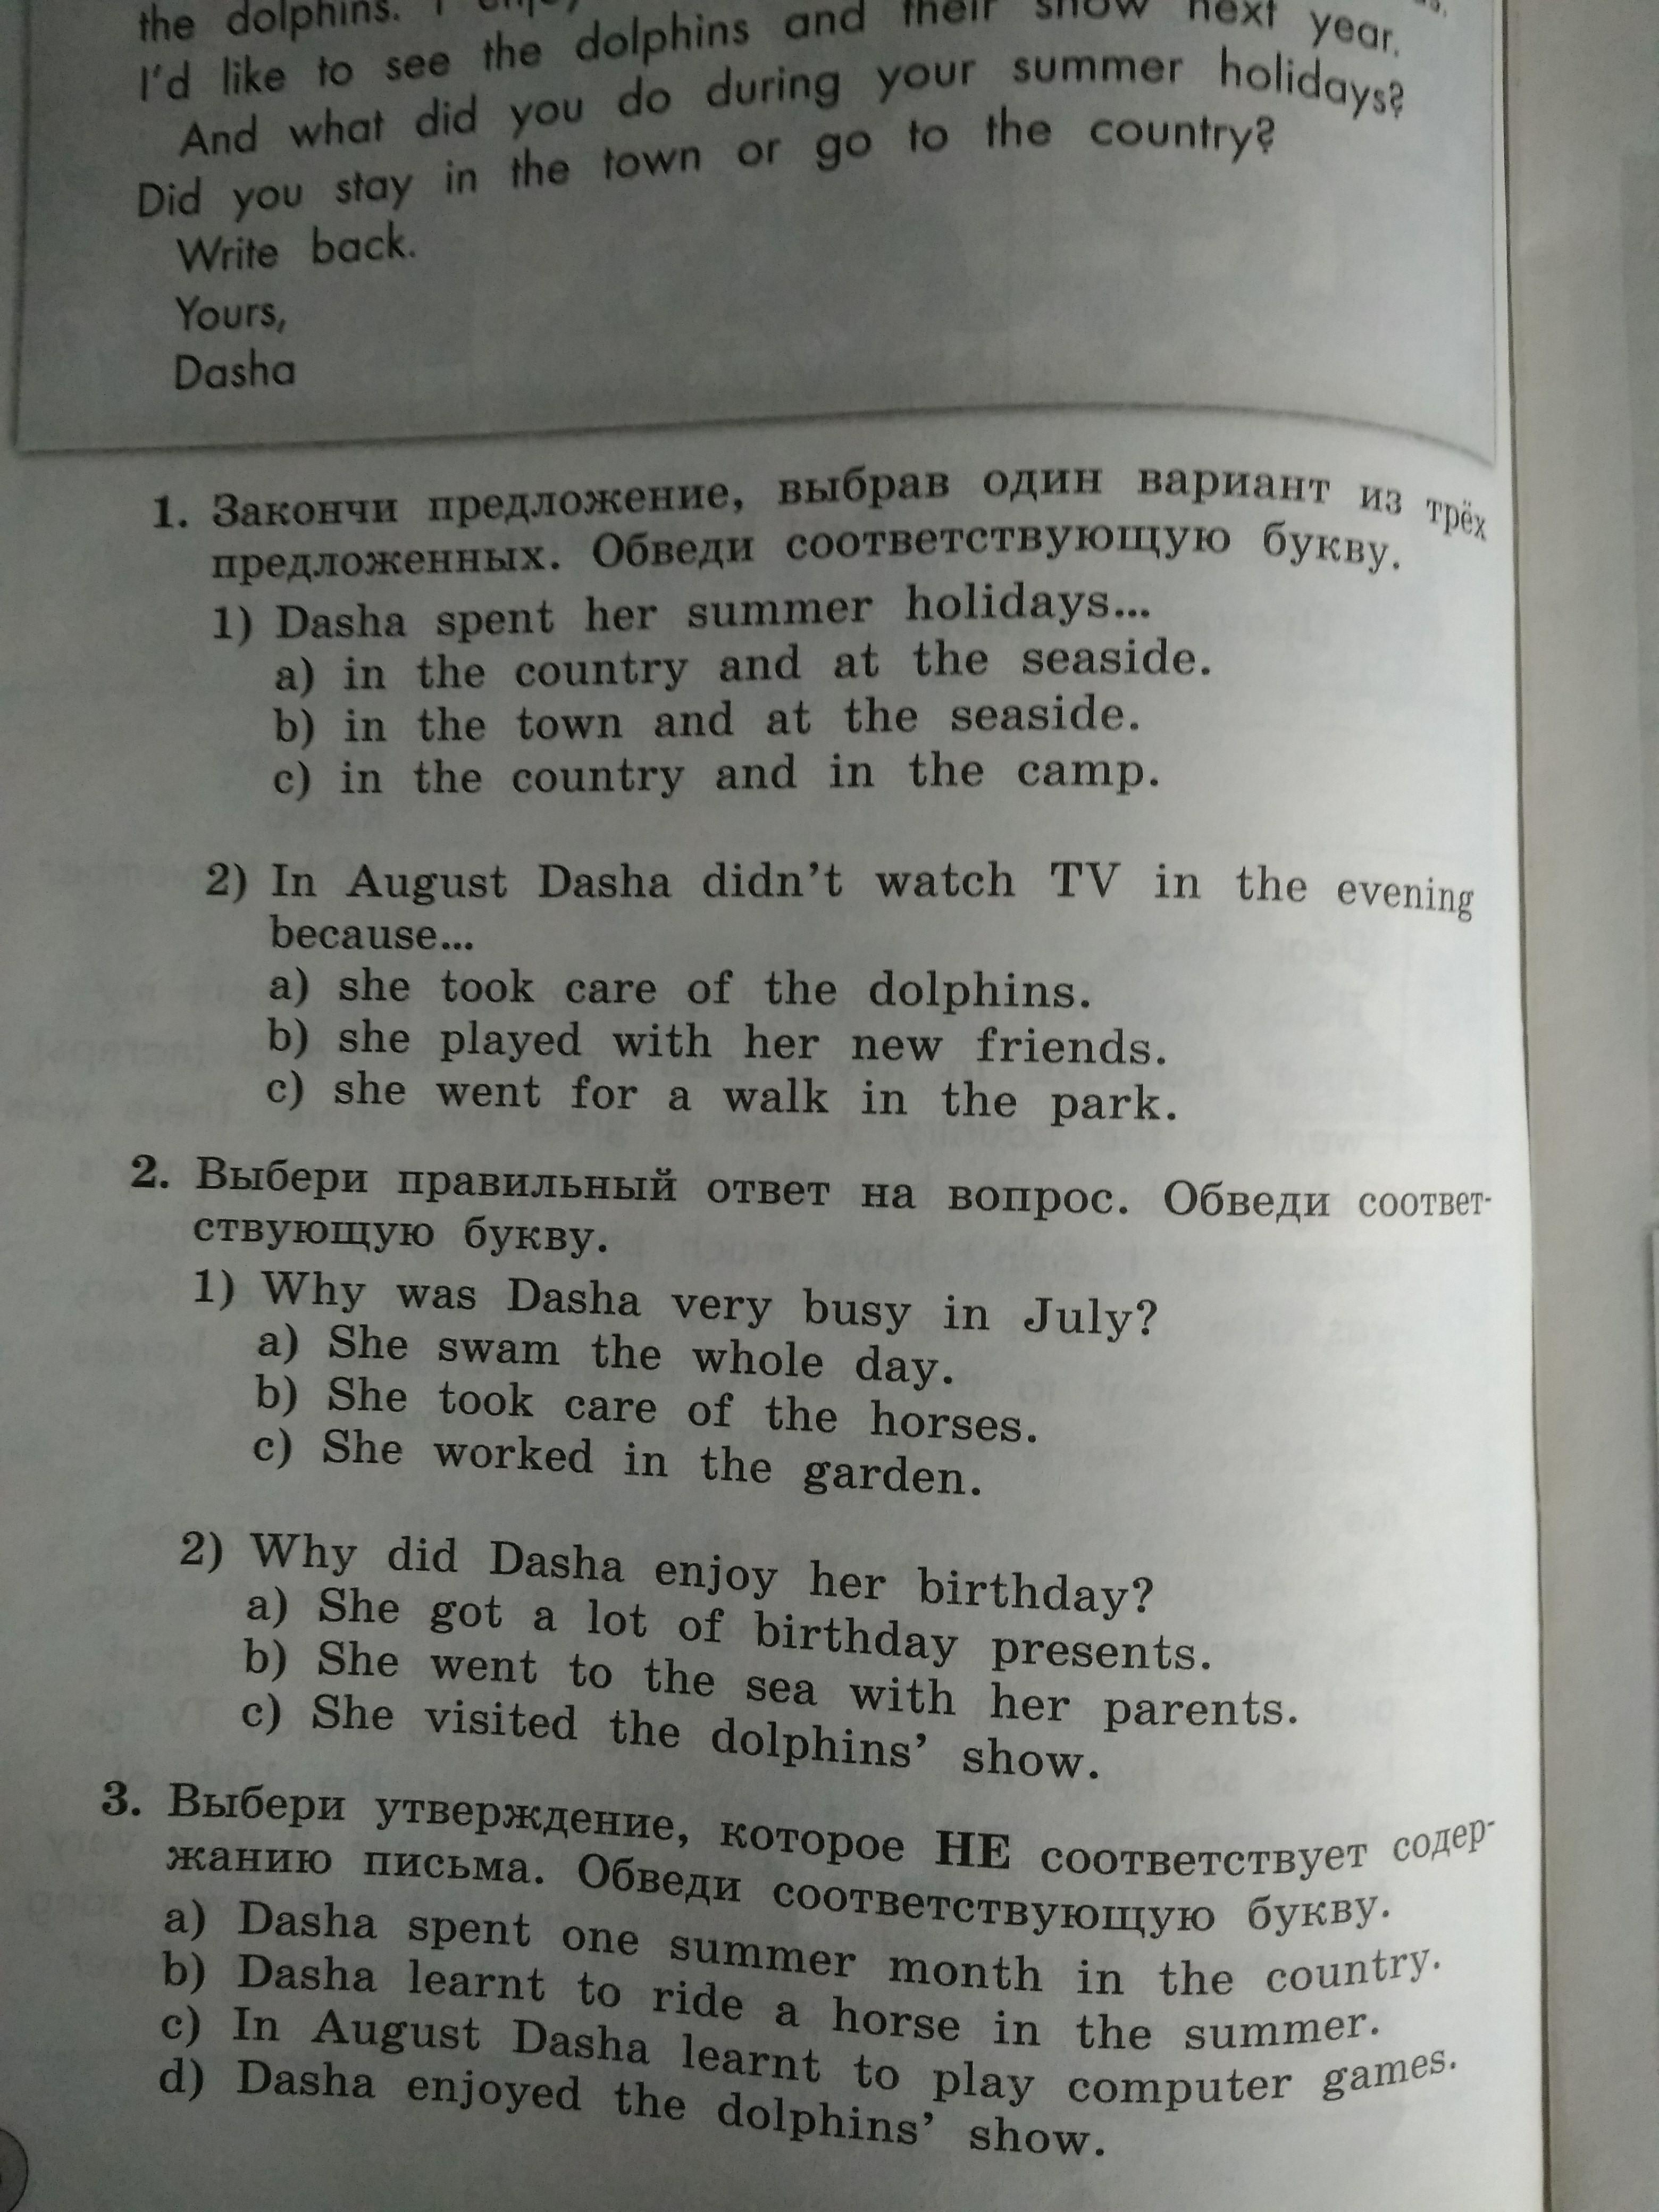 английский язык обведи правильный ответ